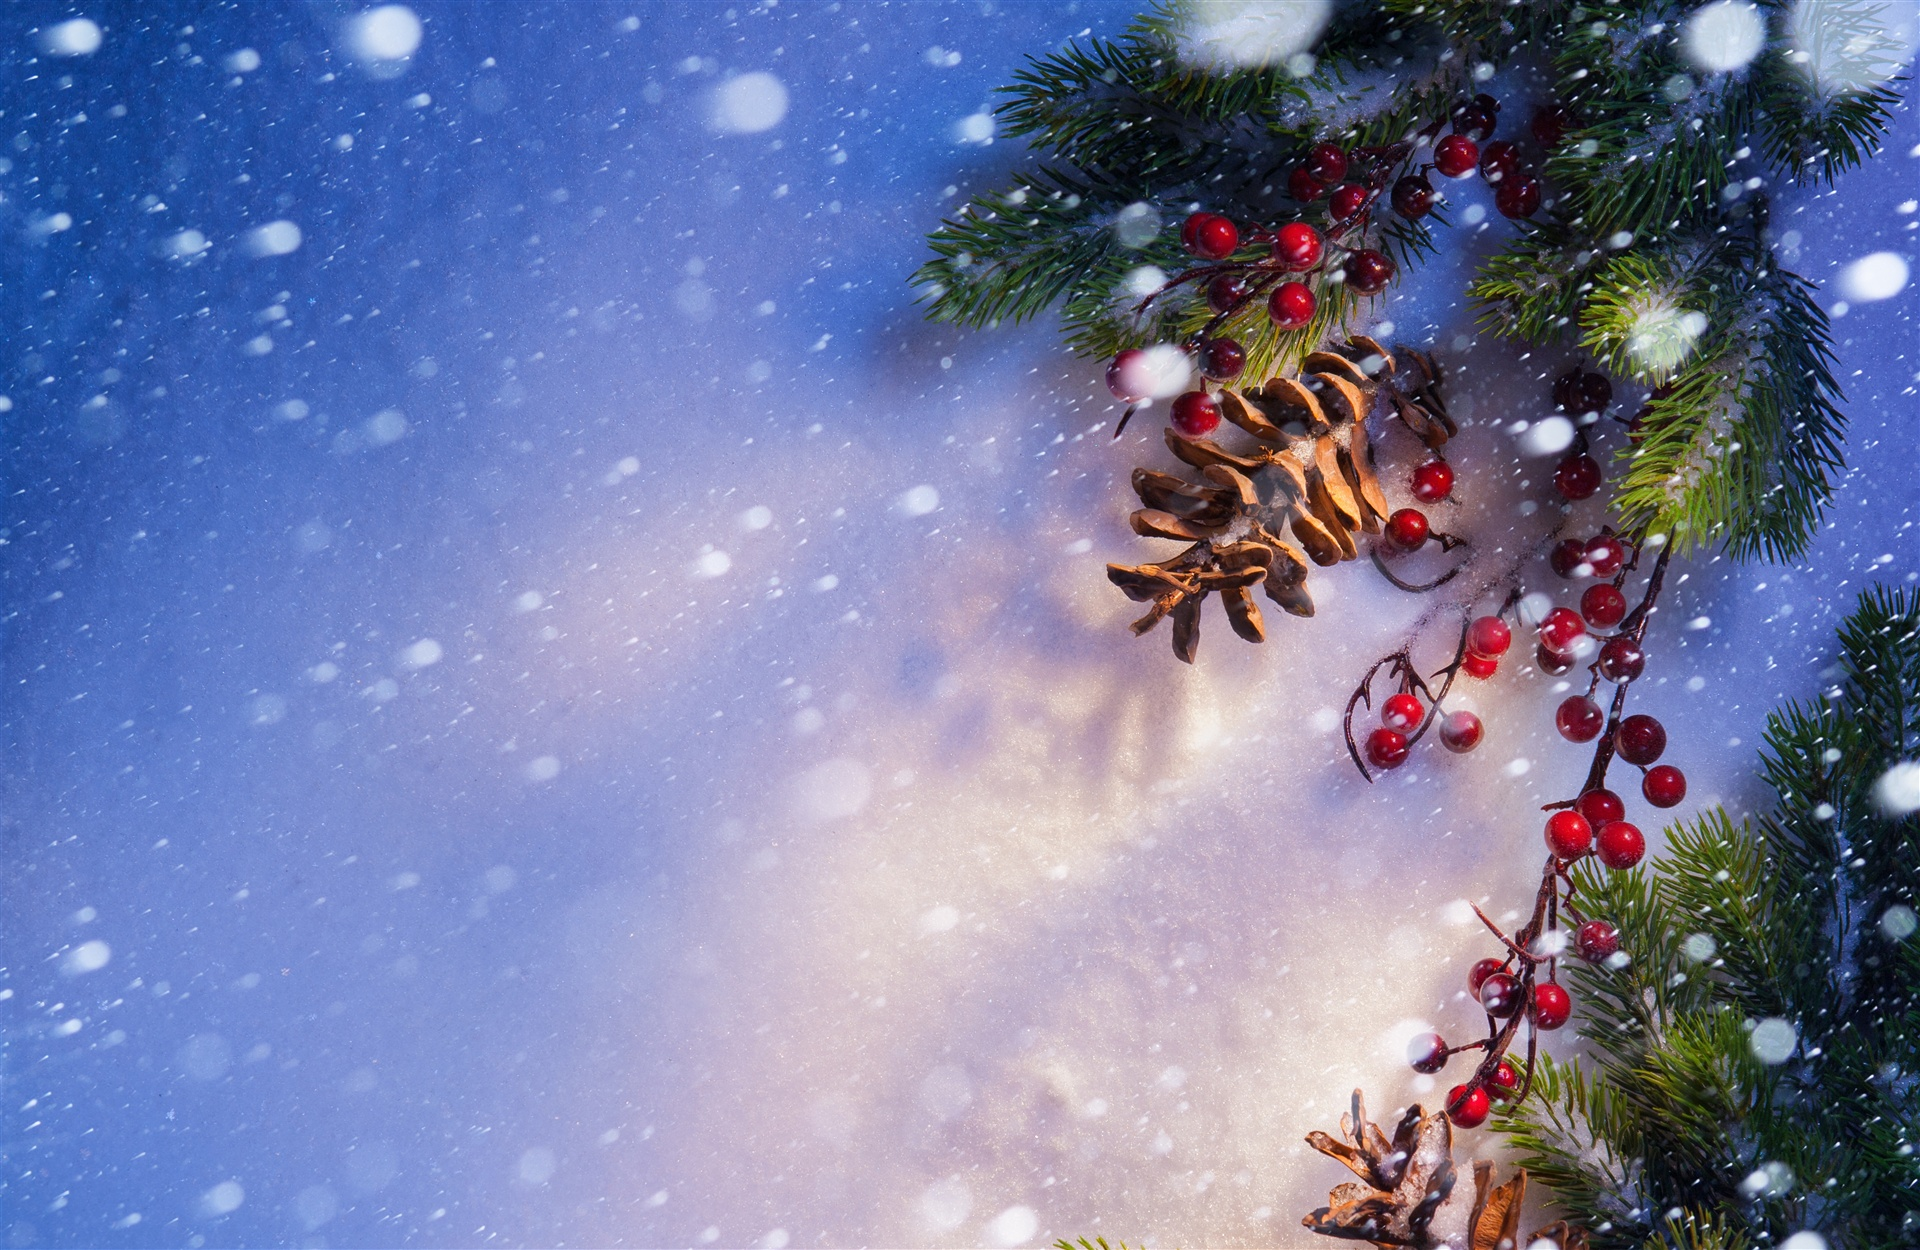 4K wallpaper   New year   berries snow cones   7656x4986 1920x1250